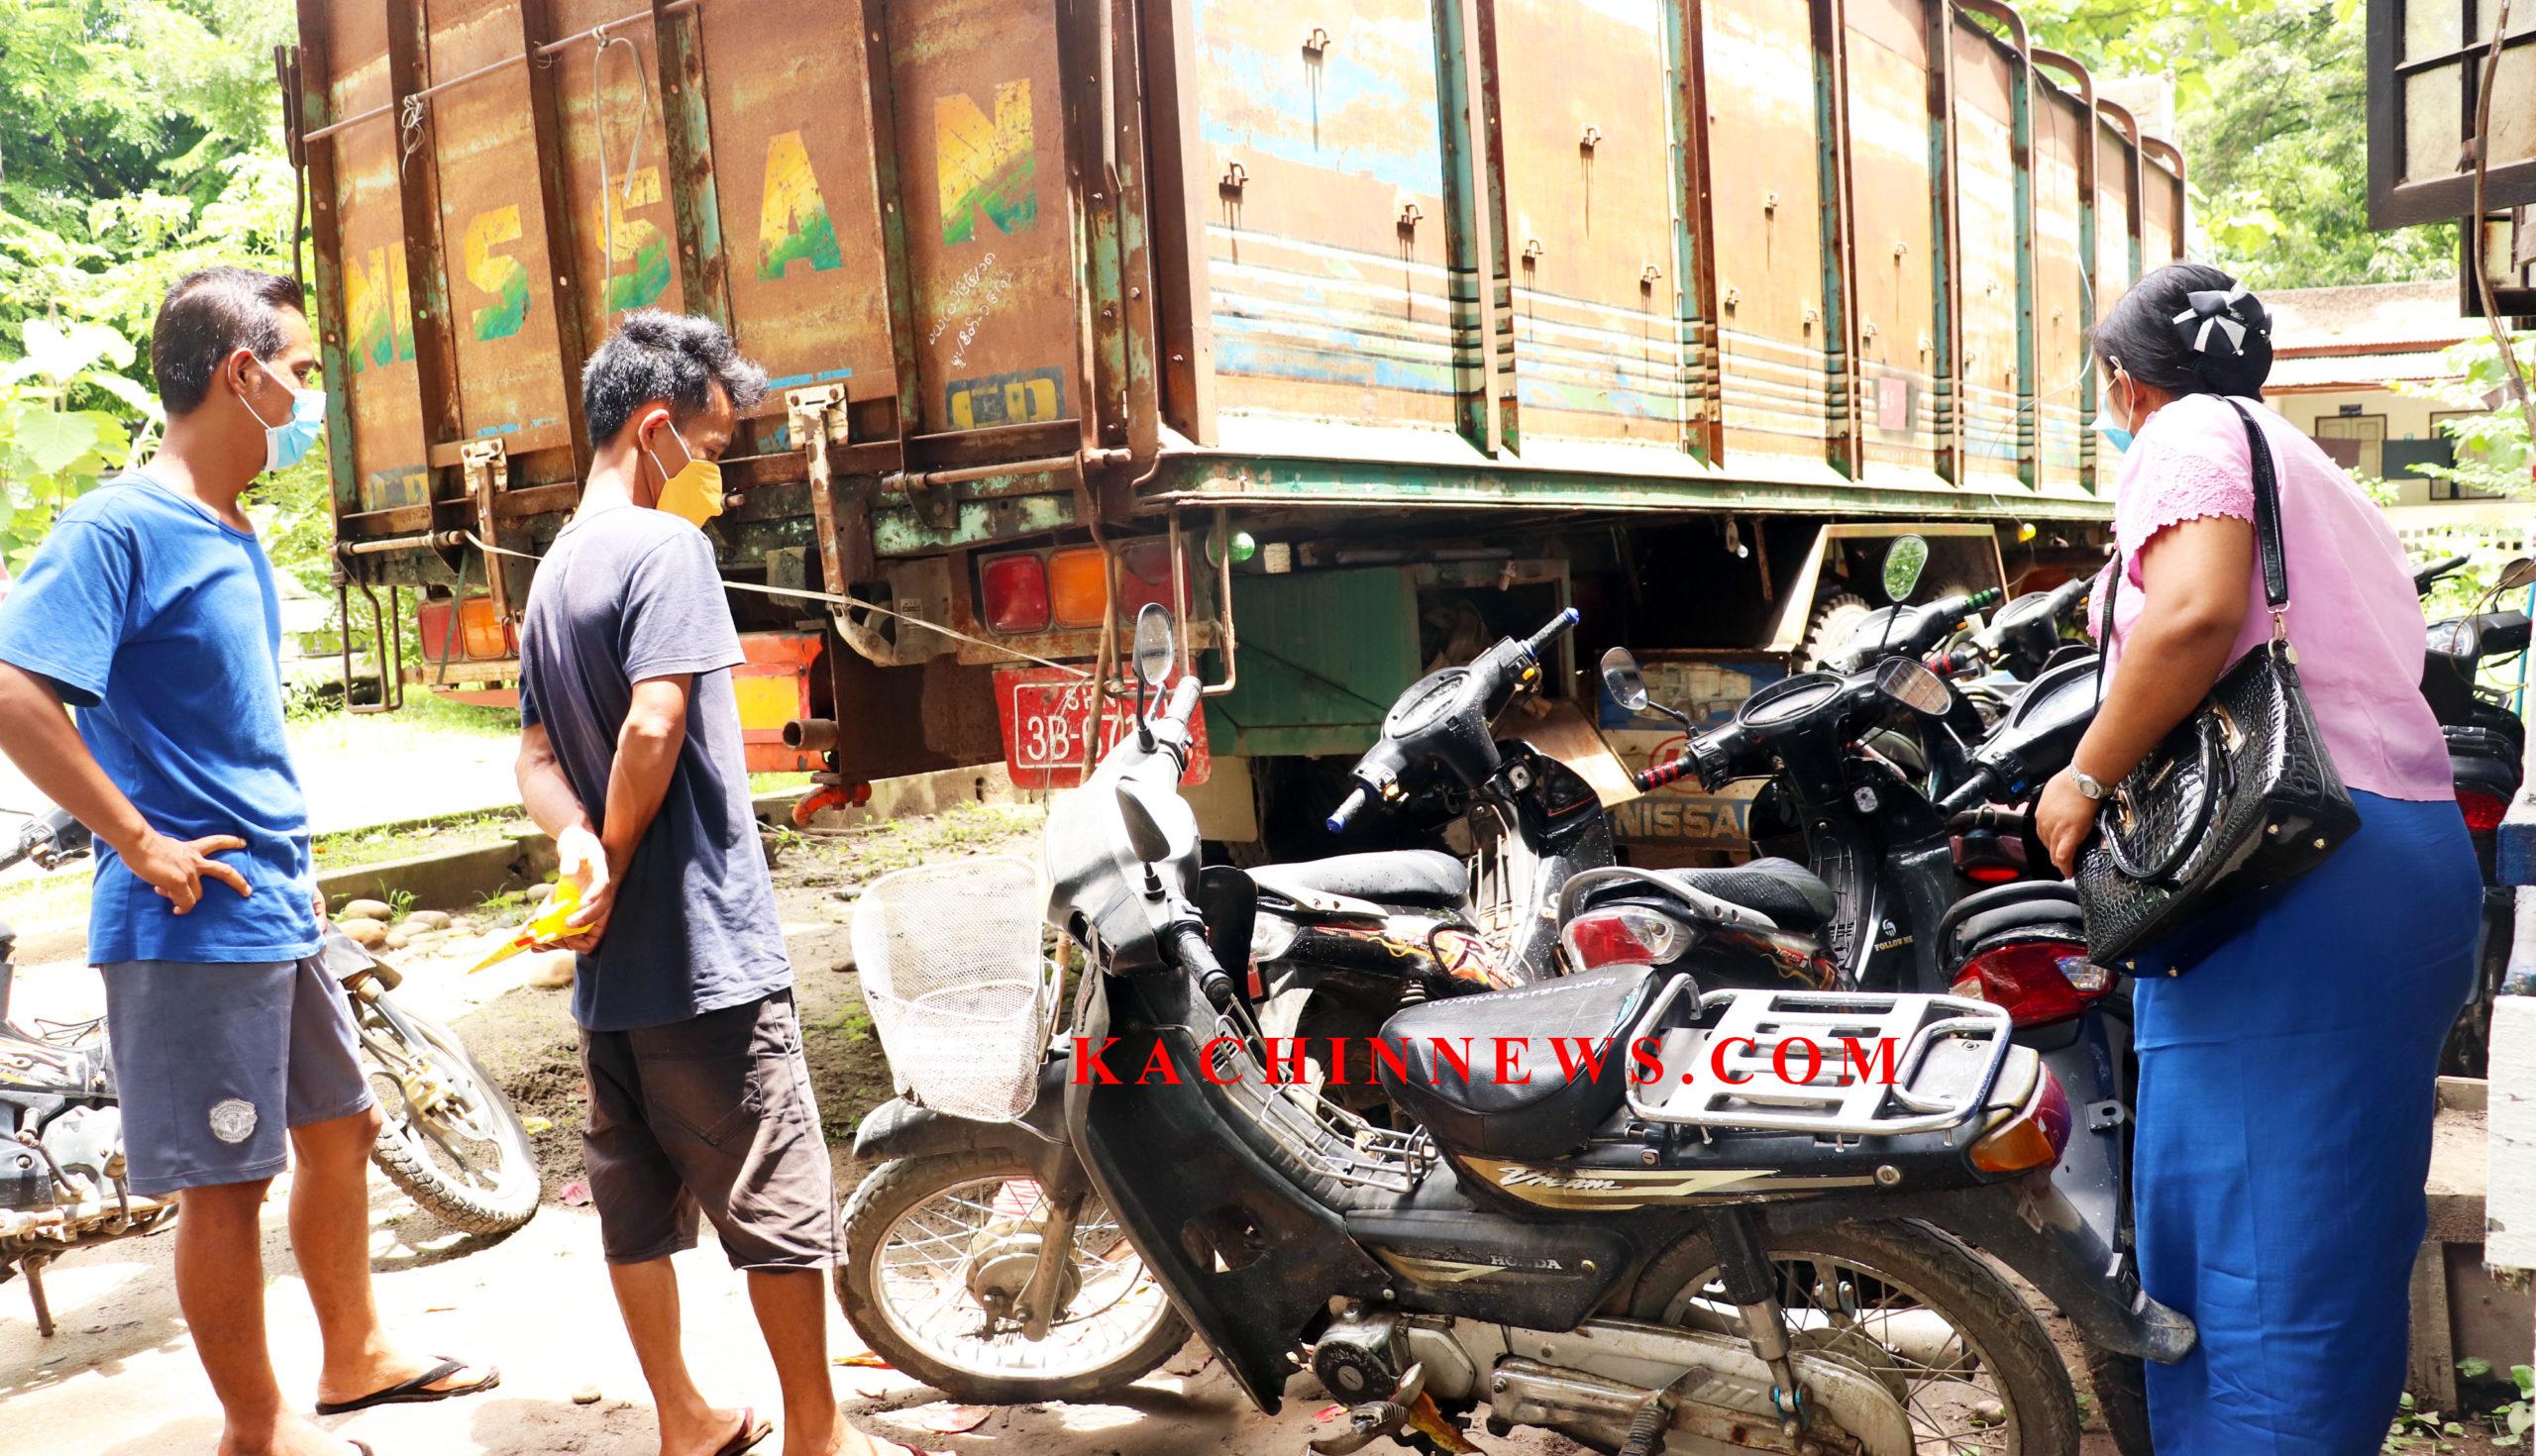 မြစ်ကြီးနားမြို့နယ်တွင် ဆိုင်ကယ်ပျောက်ဖူးသူများ နယ်မြေရဲစခန်းတွင် လာရောက်စုံစမ်းရယူနိုင်